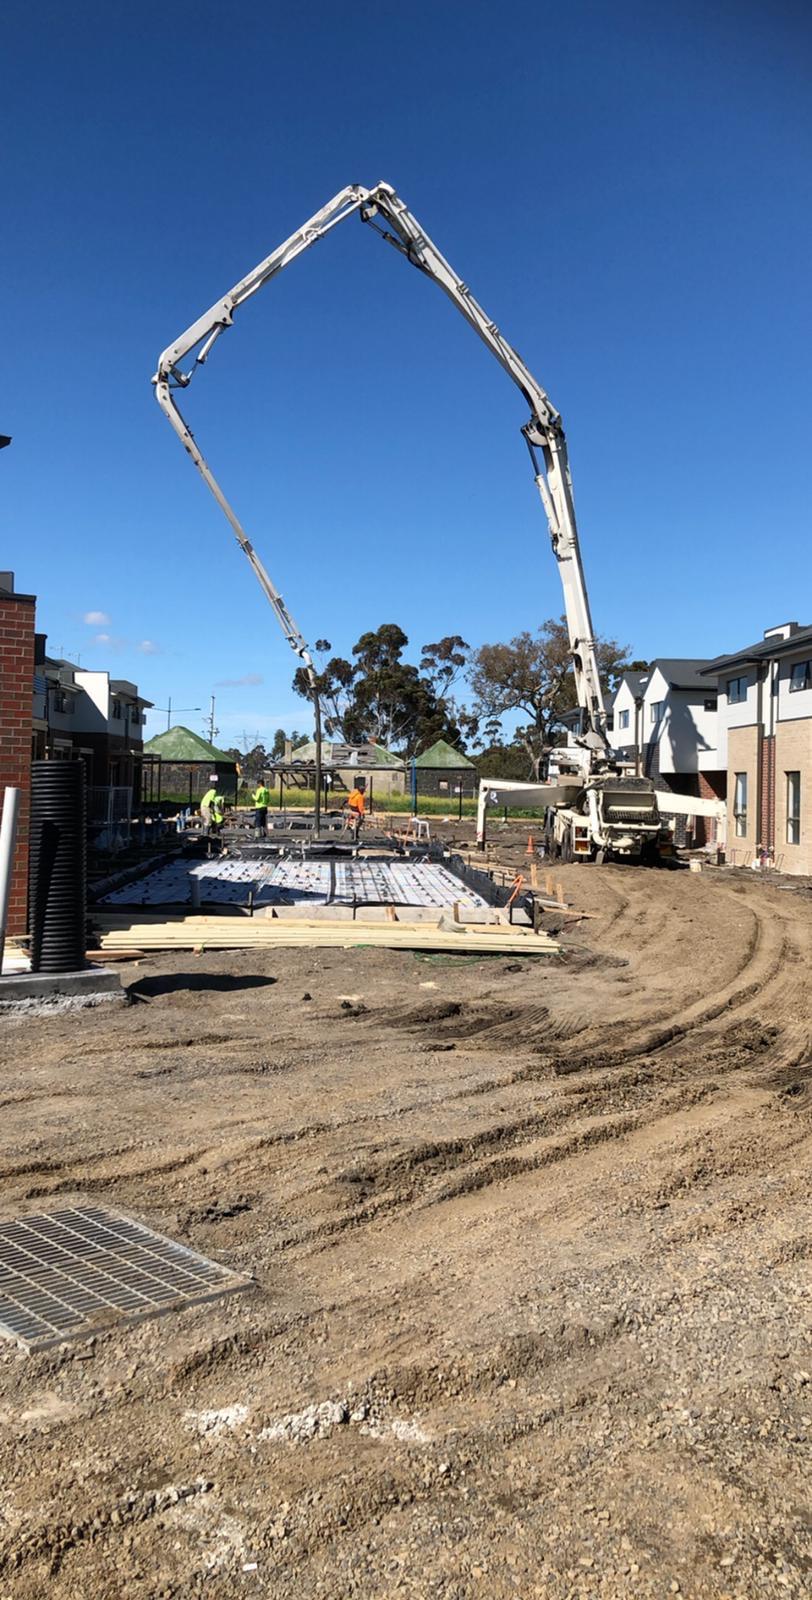 Get-Pumped-Concrete-Pumping-Civil-work-Concrete-Slabs-commercial-concrete-pumping-melbourne